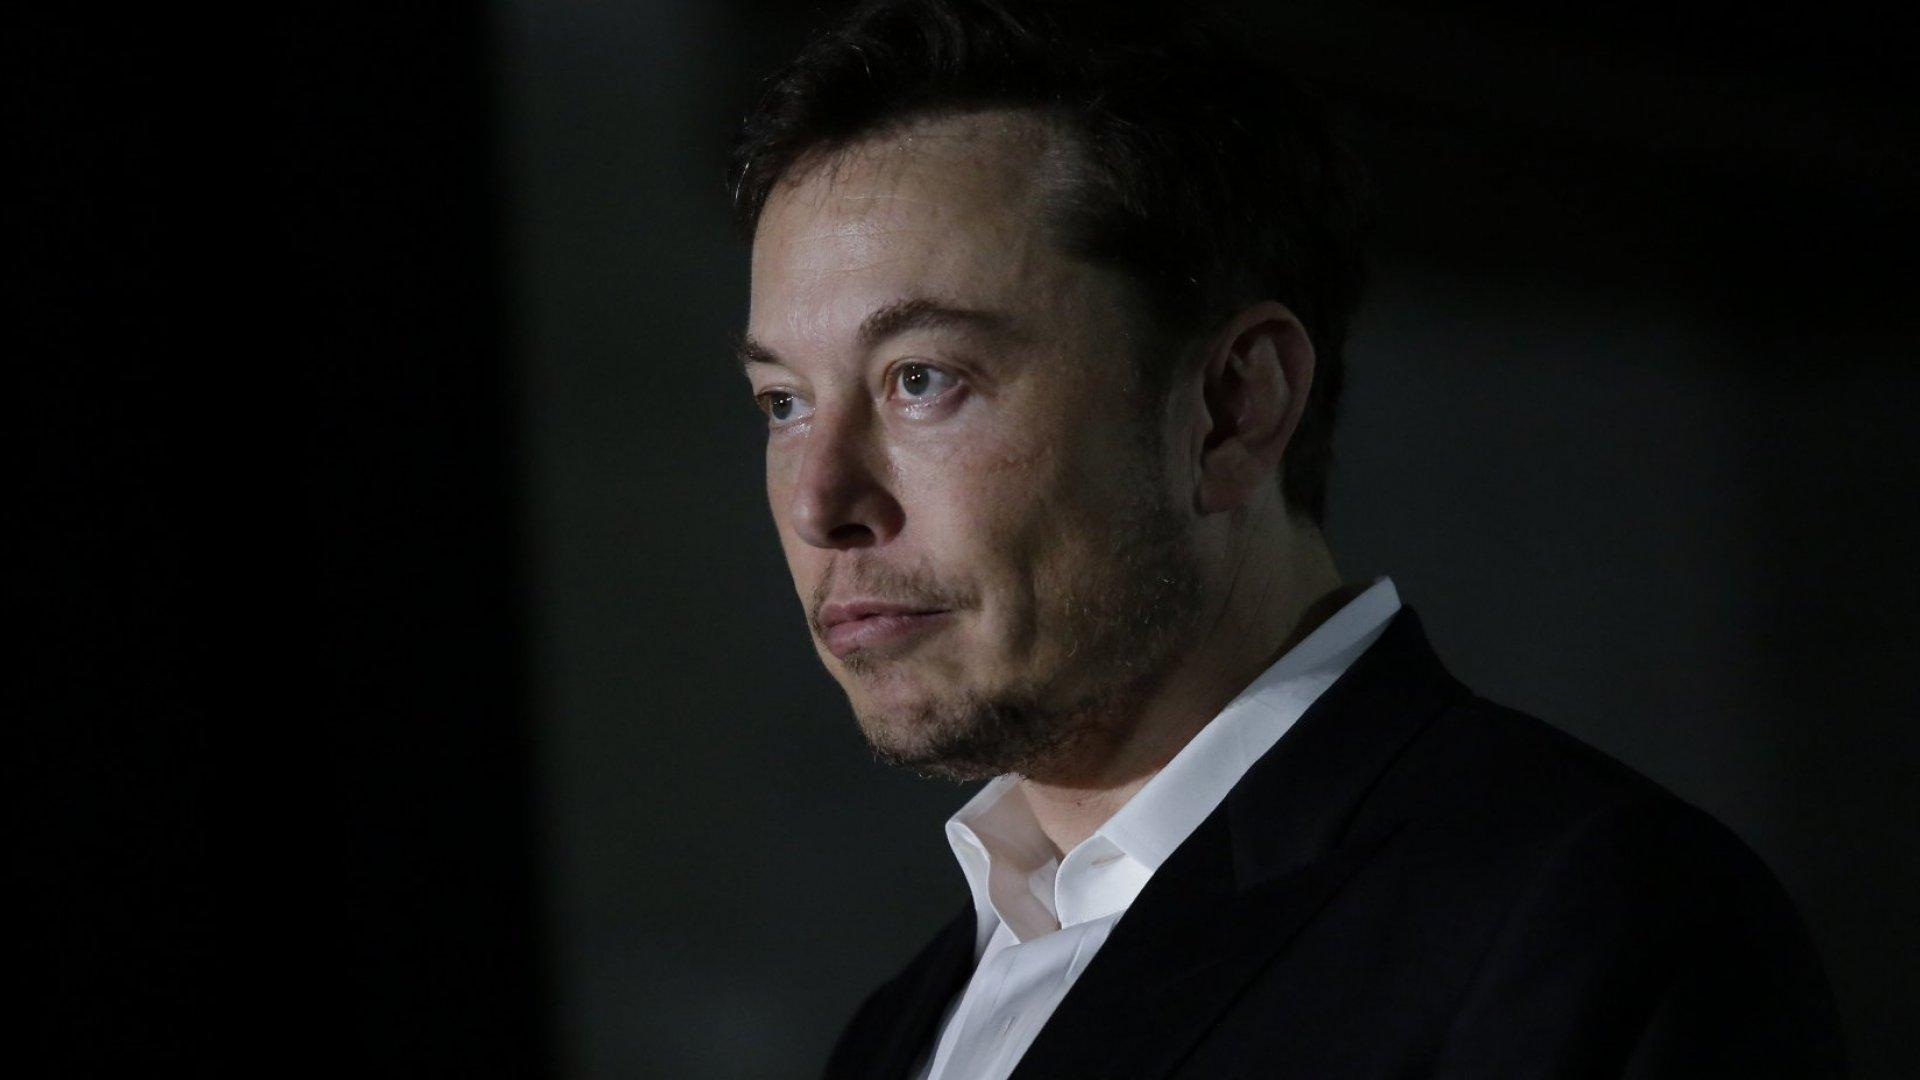 An Open Letter to Elon Musk